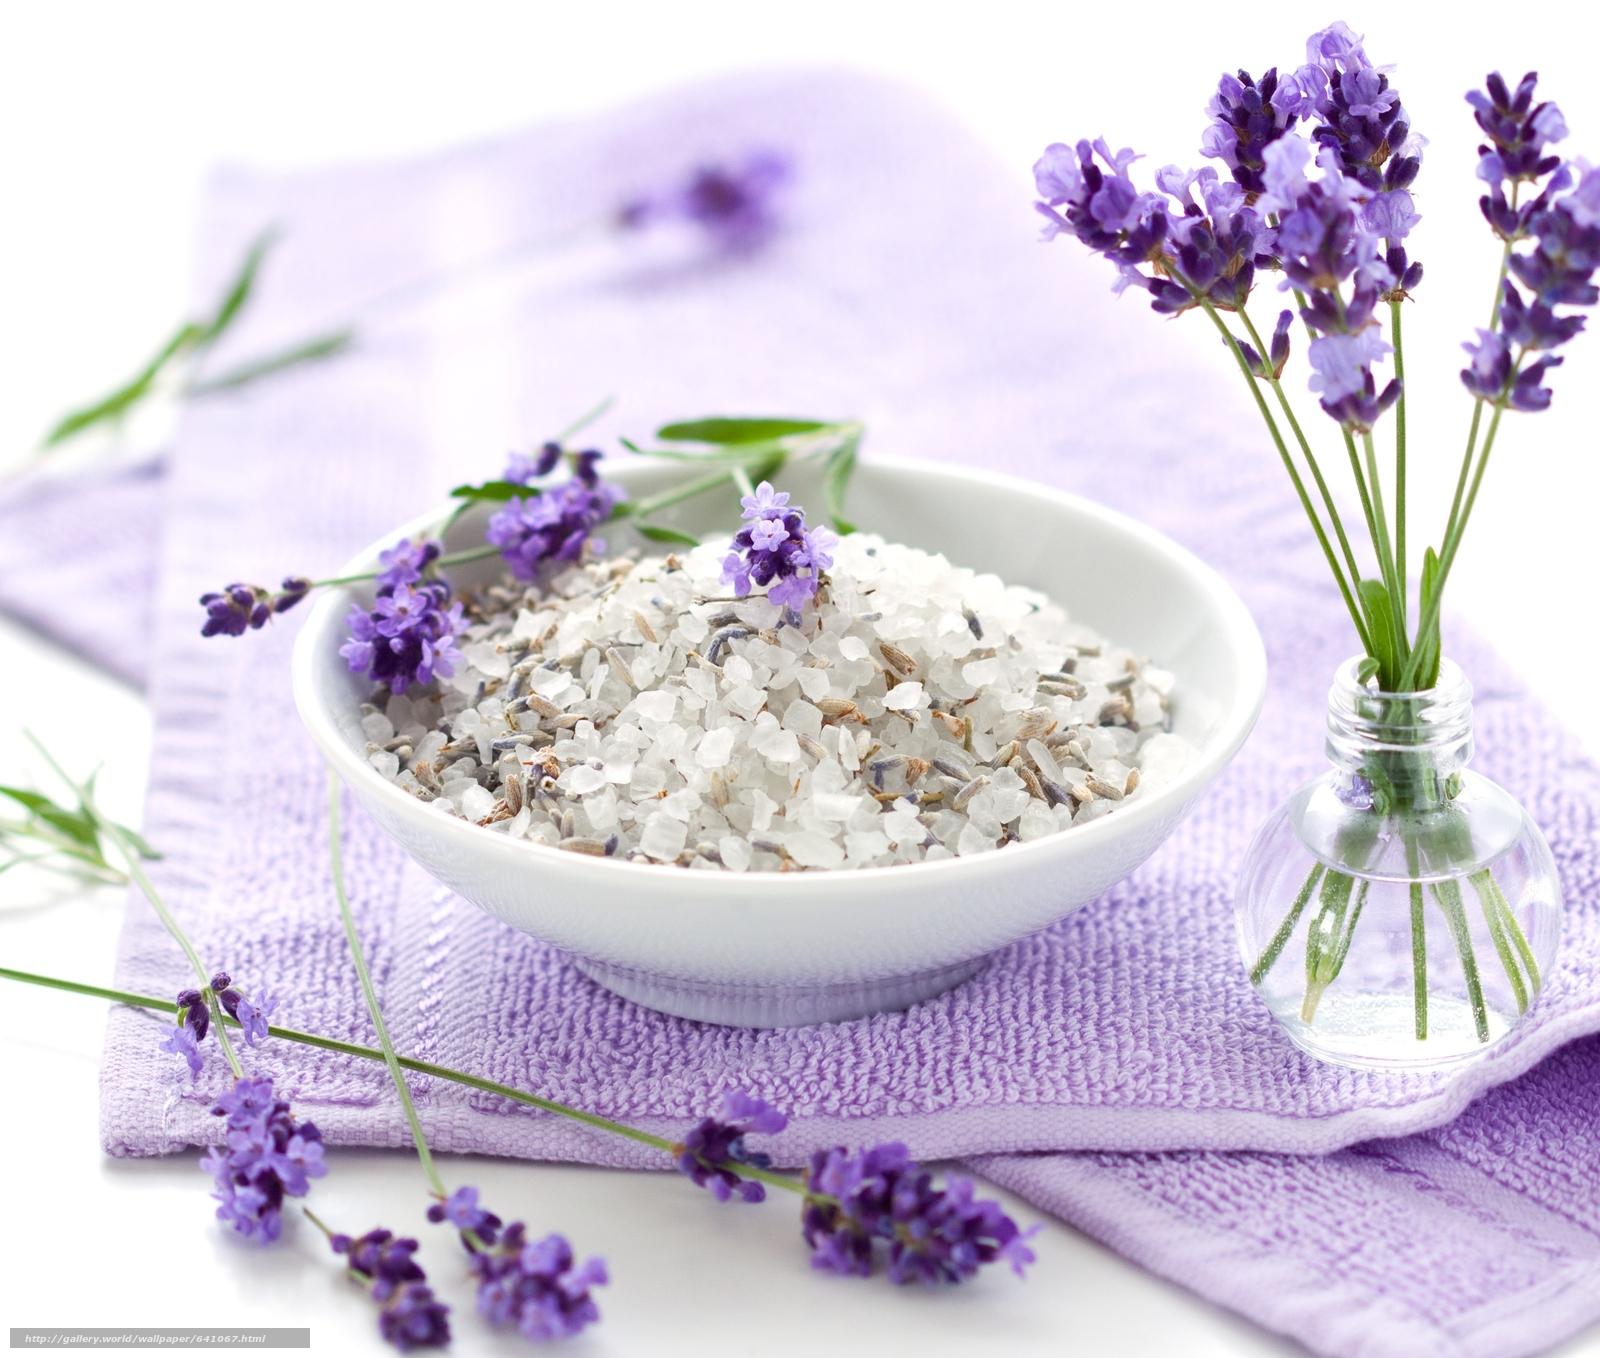 Скачать обои цветы,  лаванда,  соль,  косметика бесплатно для рабочего стола в разрешении 5441x4618 — картинка №641067